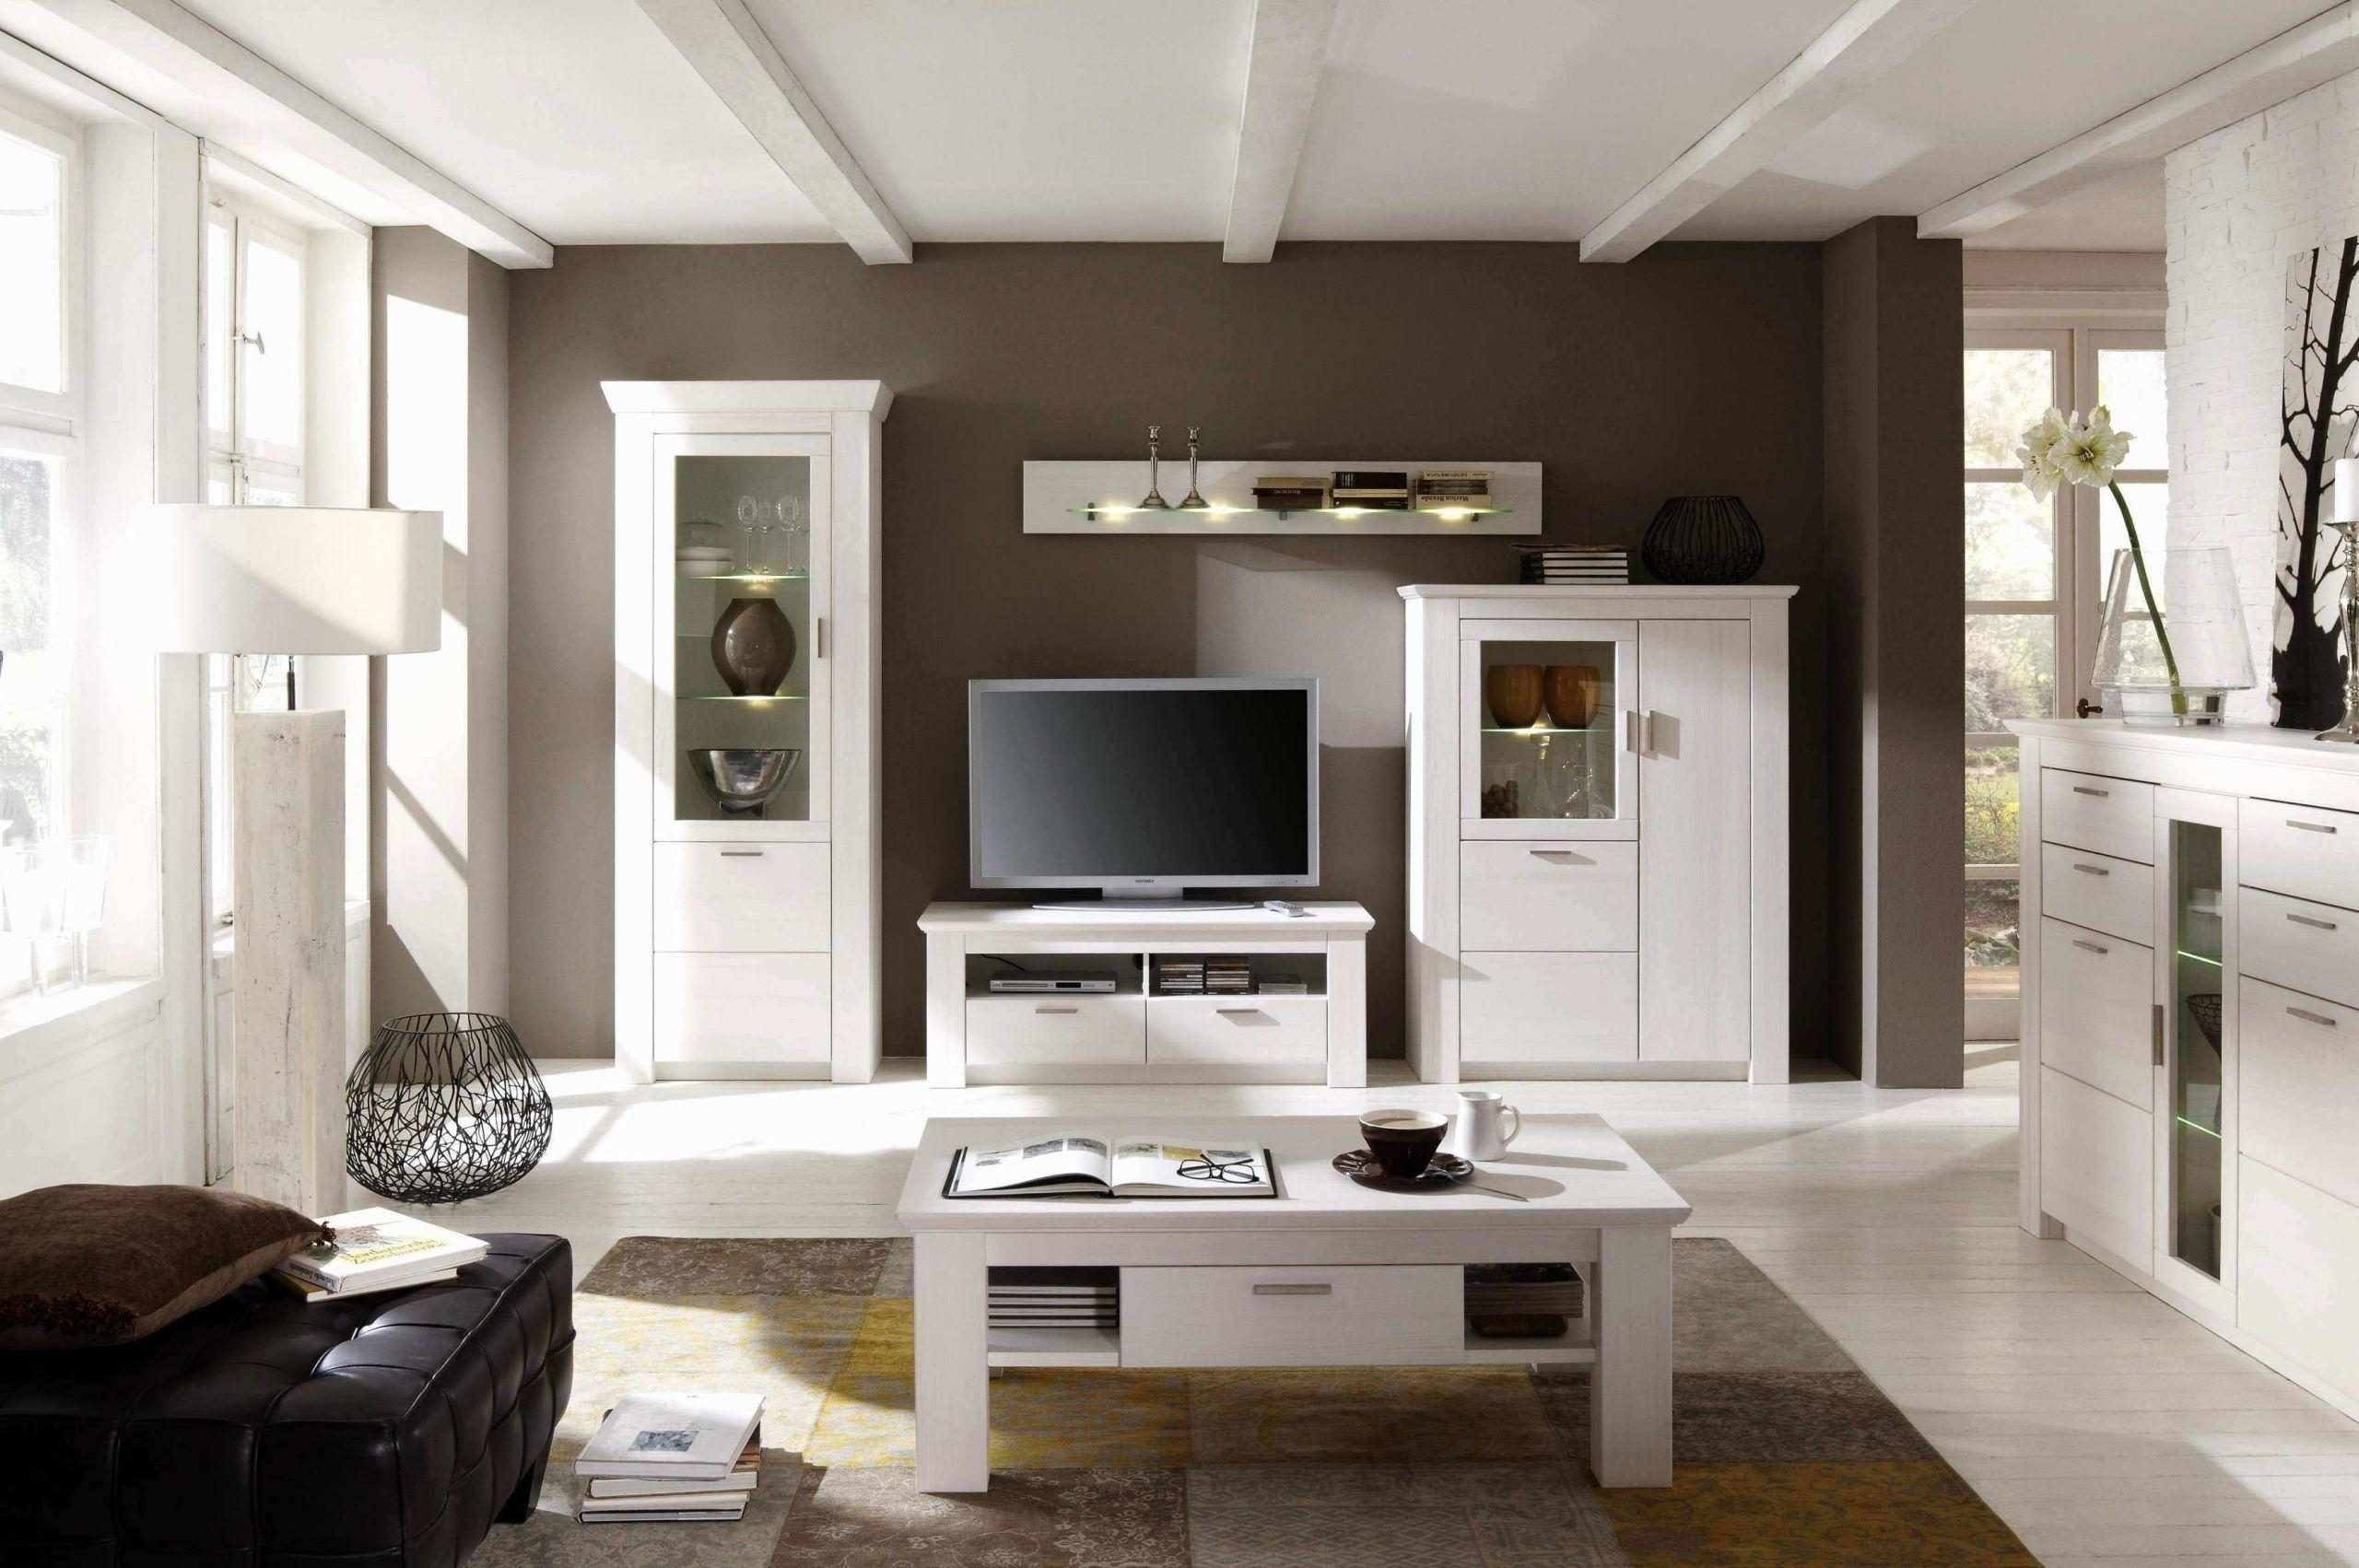 designer regale wohnzimmer frisch 50 beste von wohnzimmer regale design planen of designer regale wohnzimmer